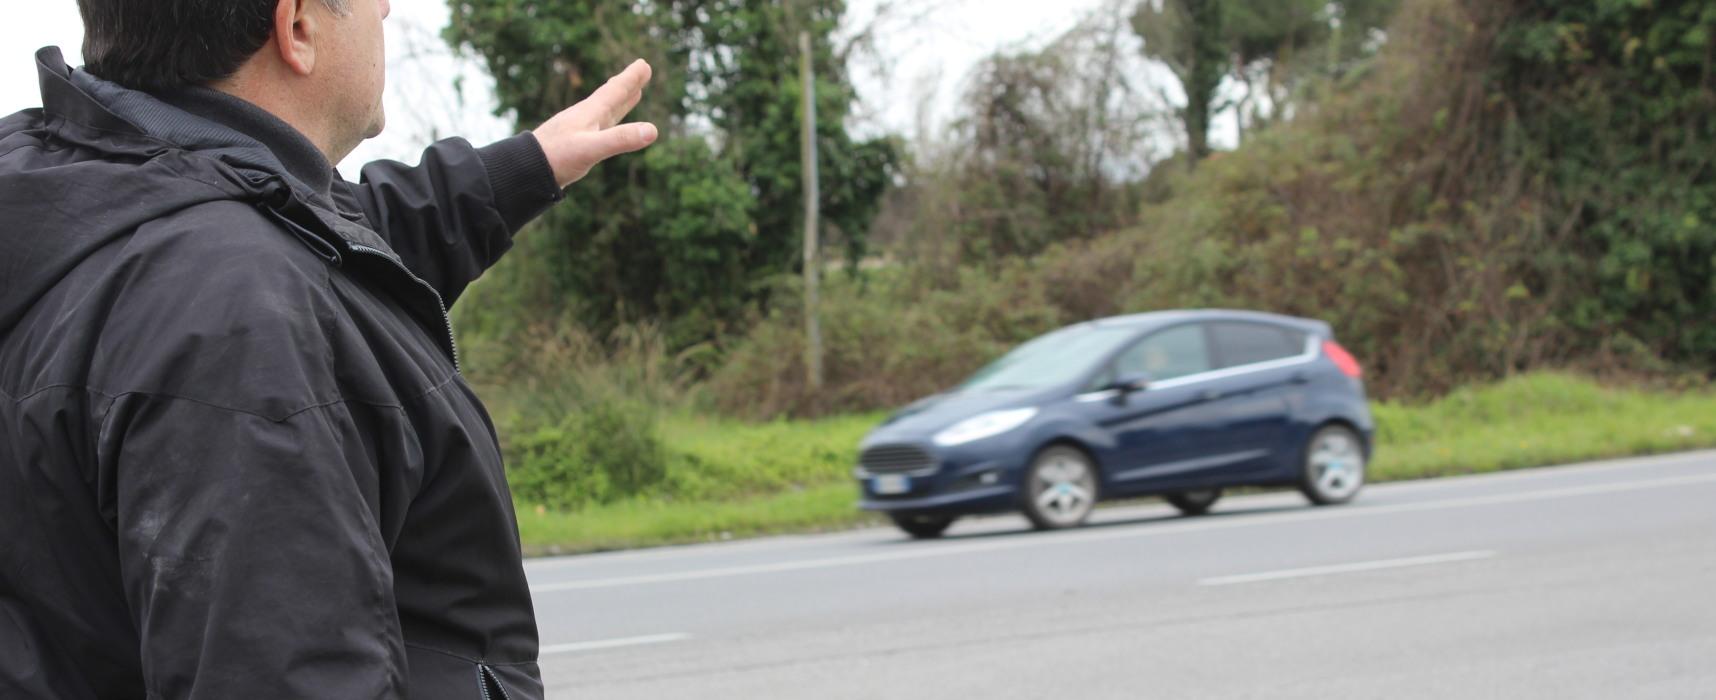 Urbanistica: Giovannetti, accordo Coop-Conad va avanti nel segno sviluppo e sicurezza a costo zero per comunità